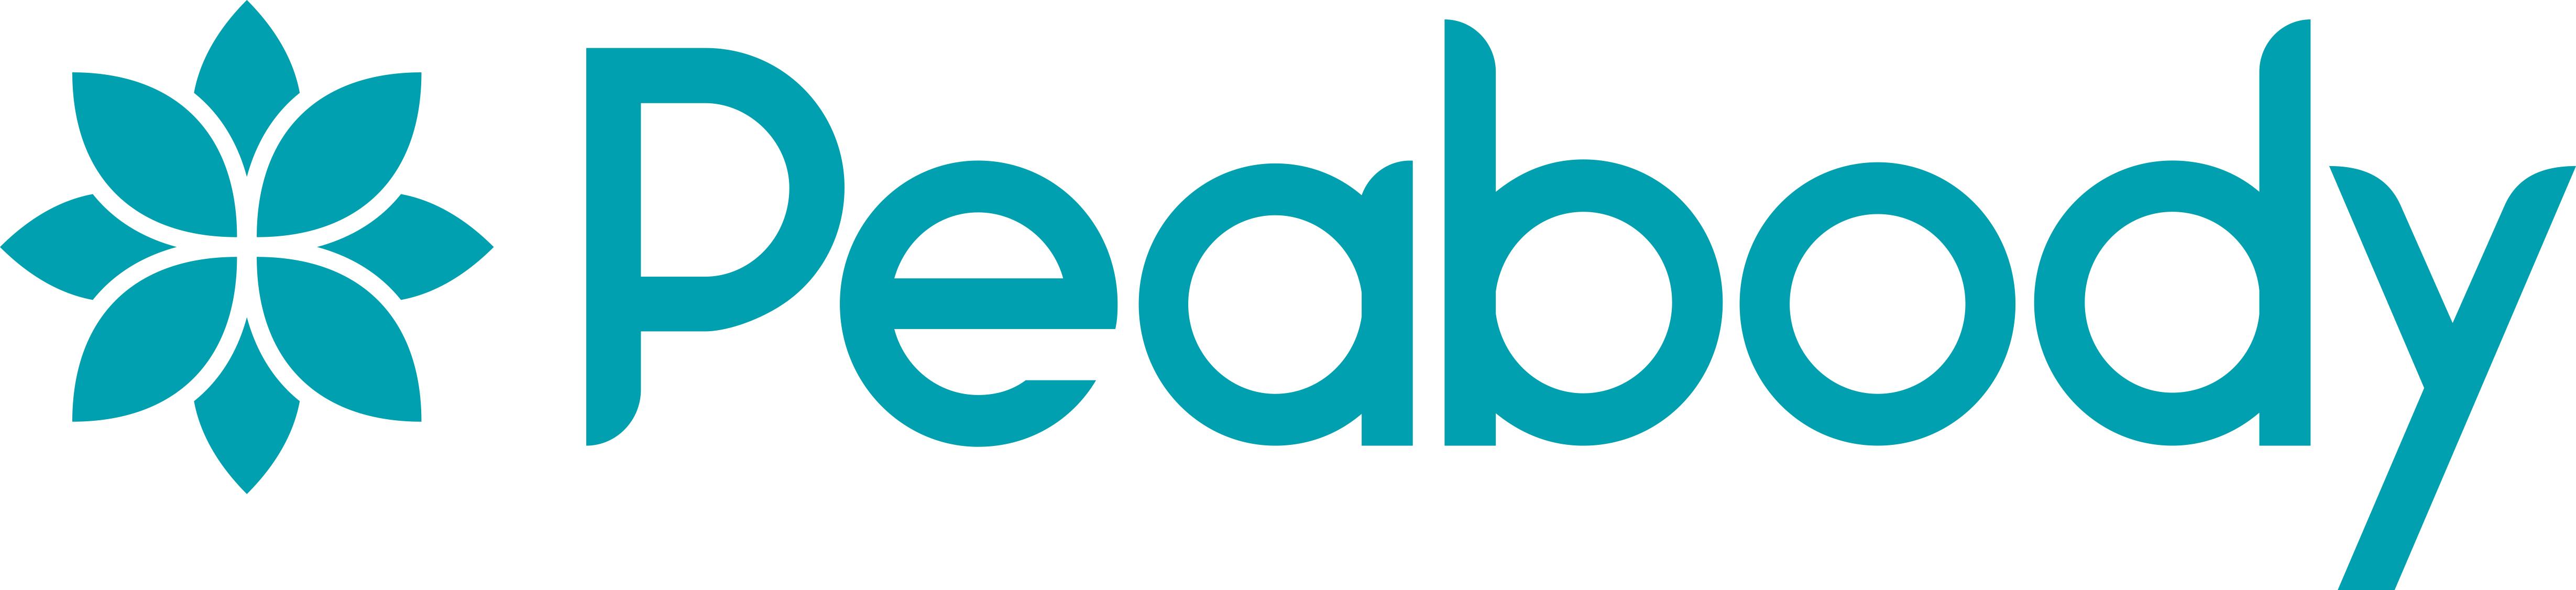 Peabody new logo